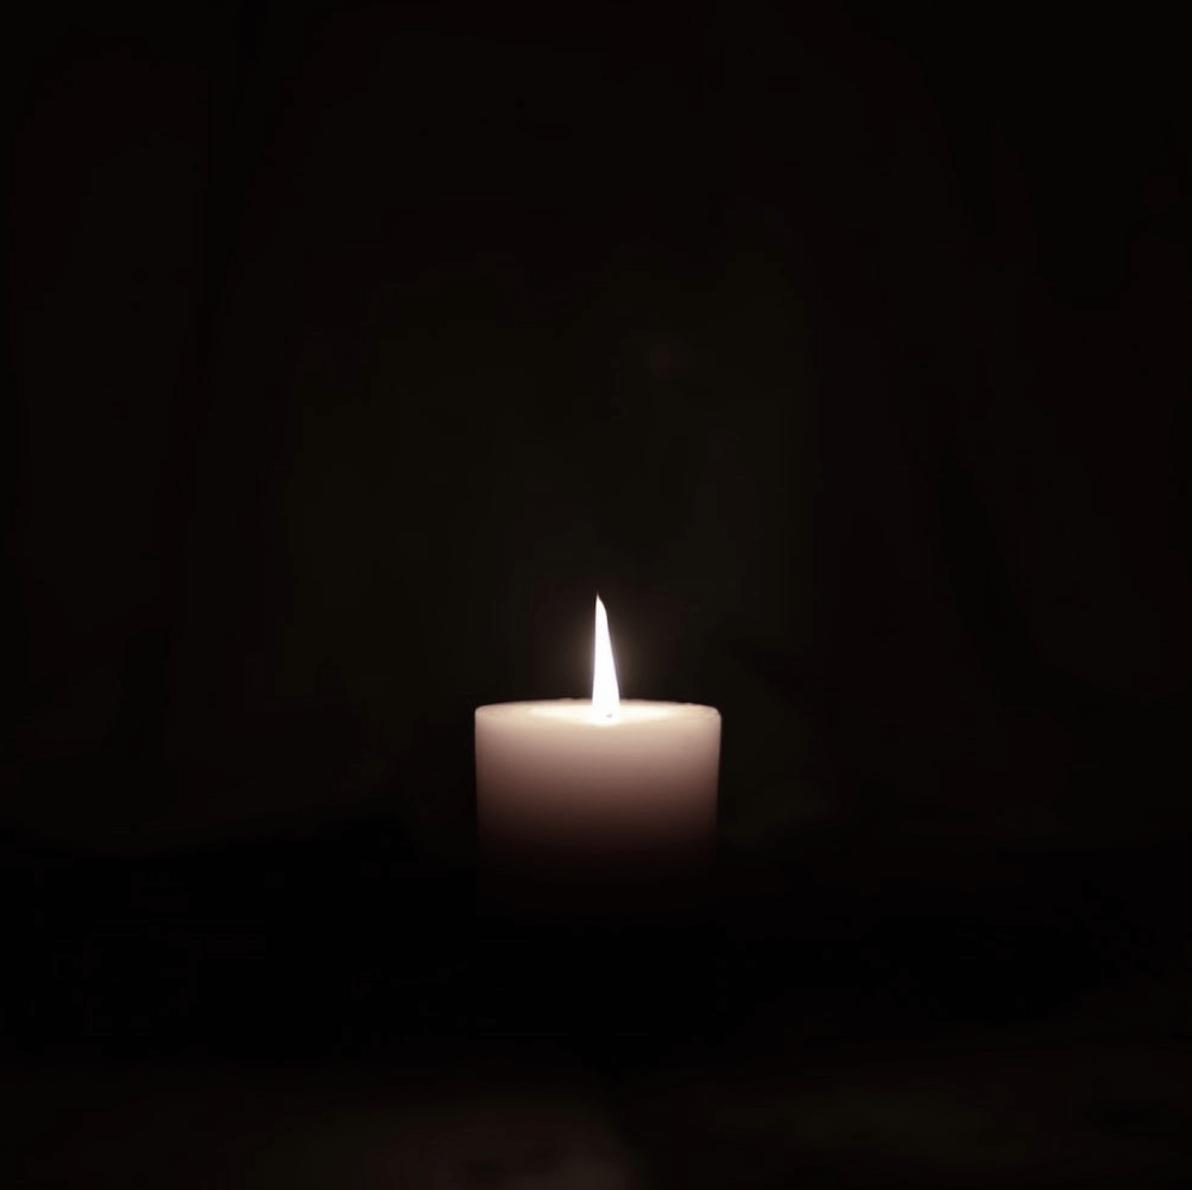 劉思希於本周三發文悼念夏玉麟